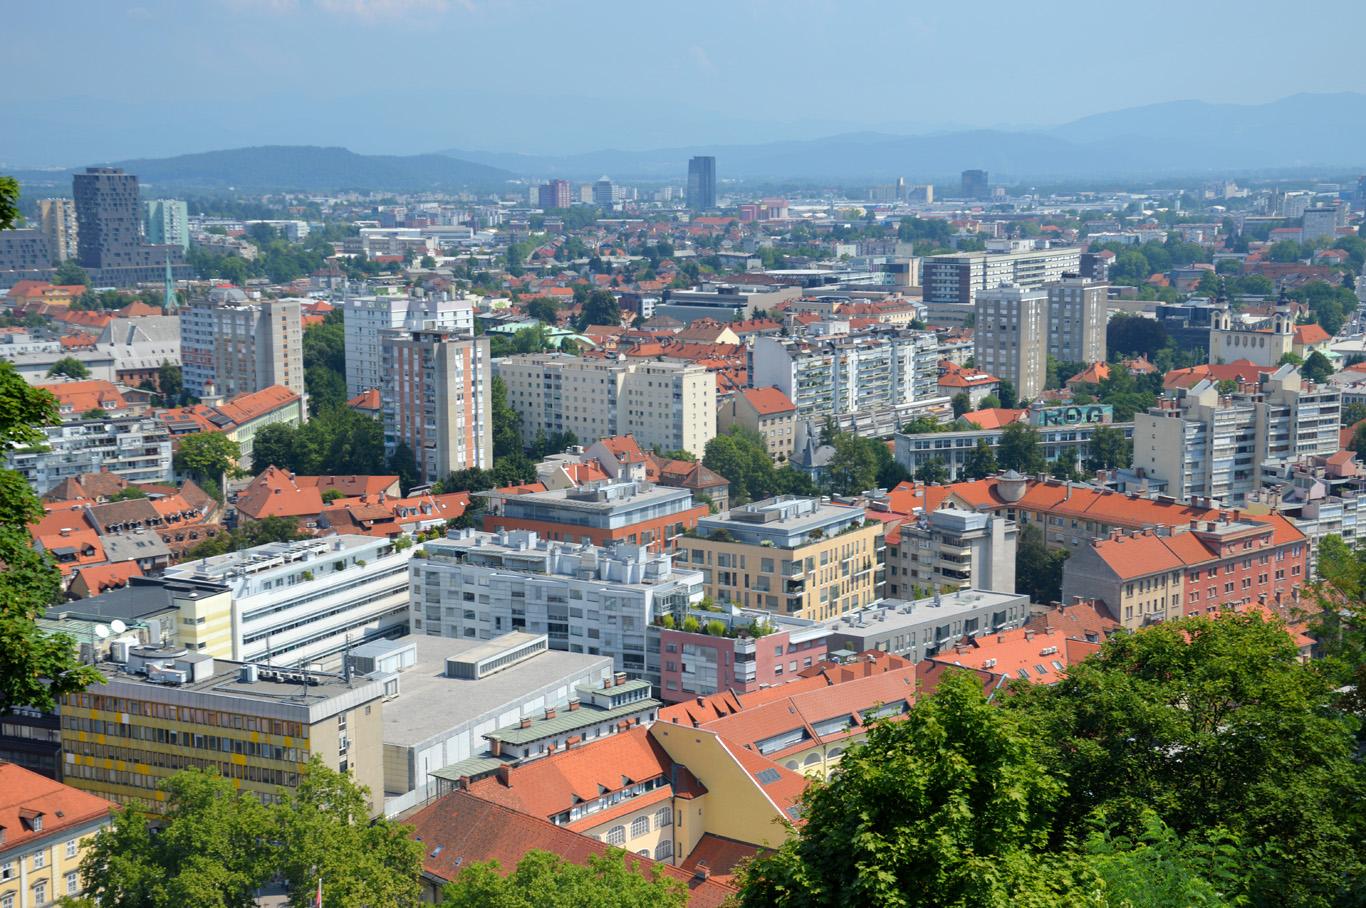 The modern Ljubljana seen from the castle